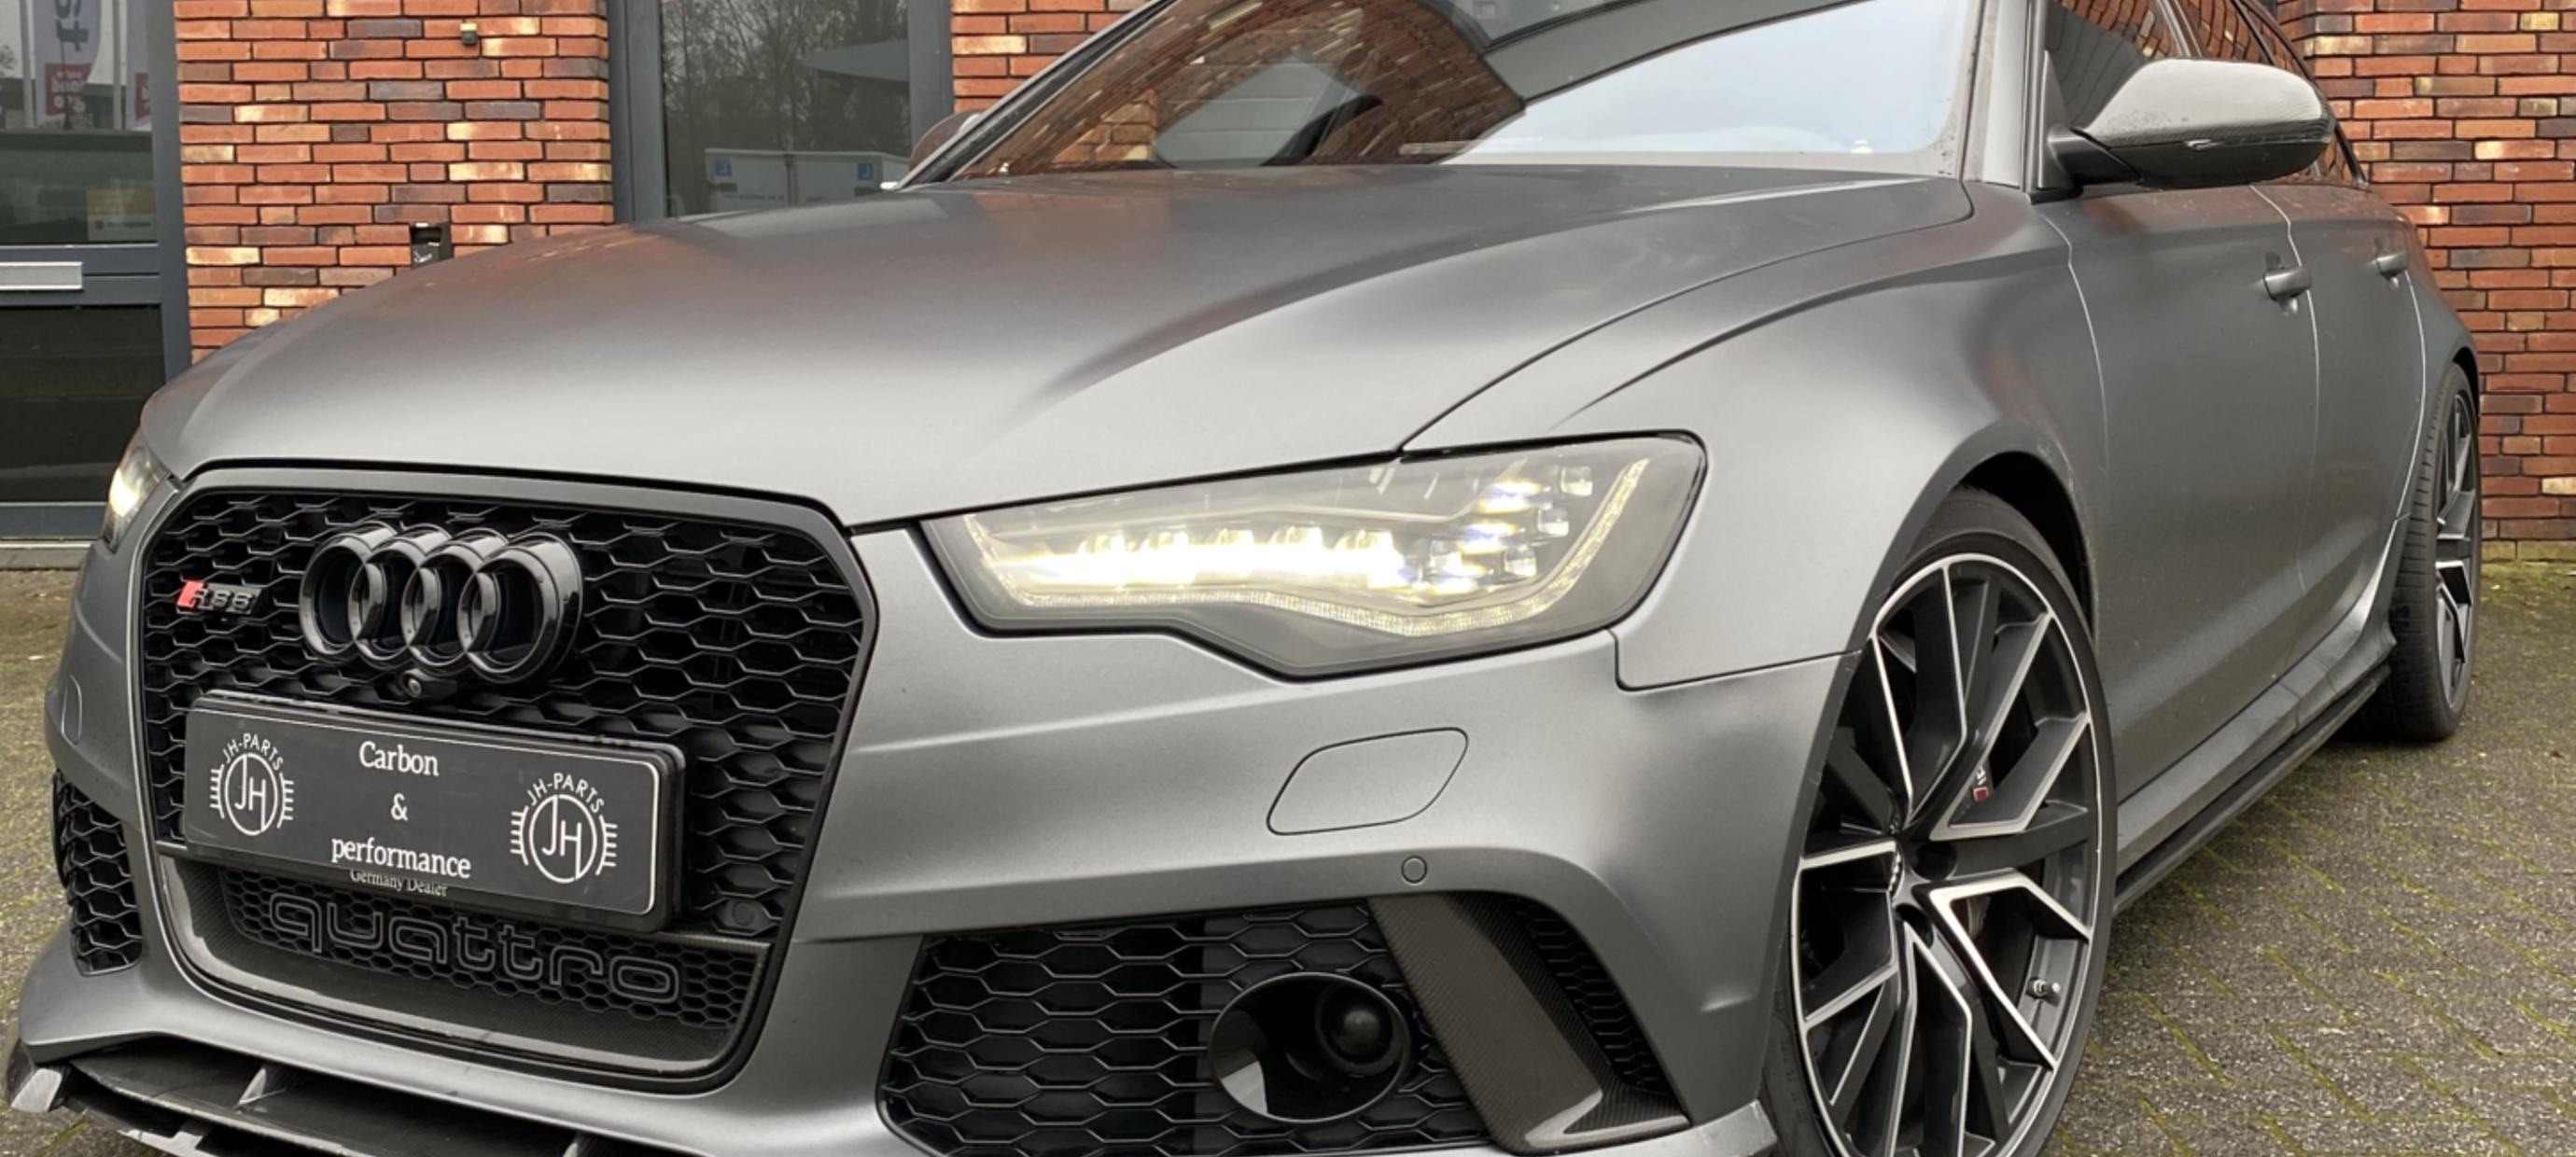 Audi RS6 C7 Carbon parts